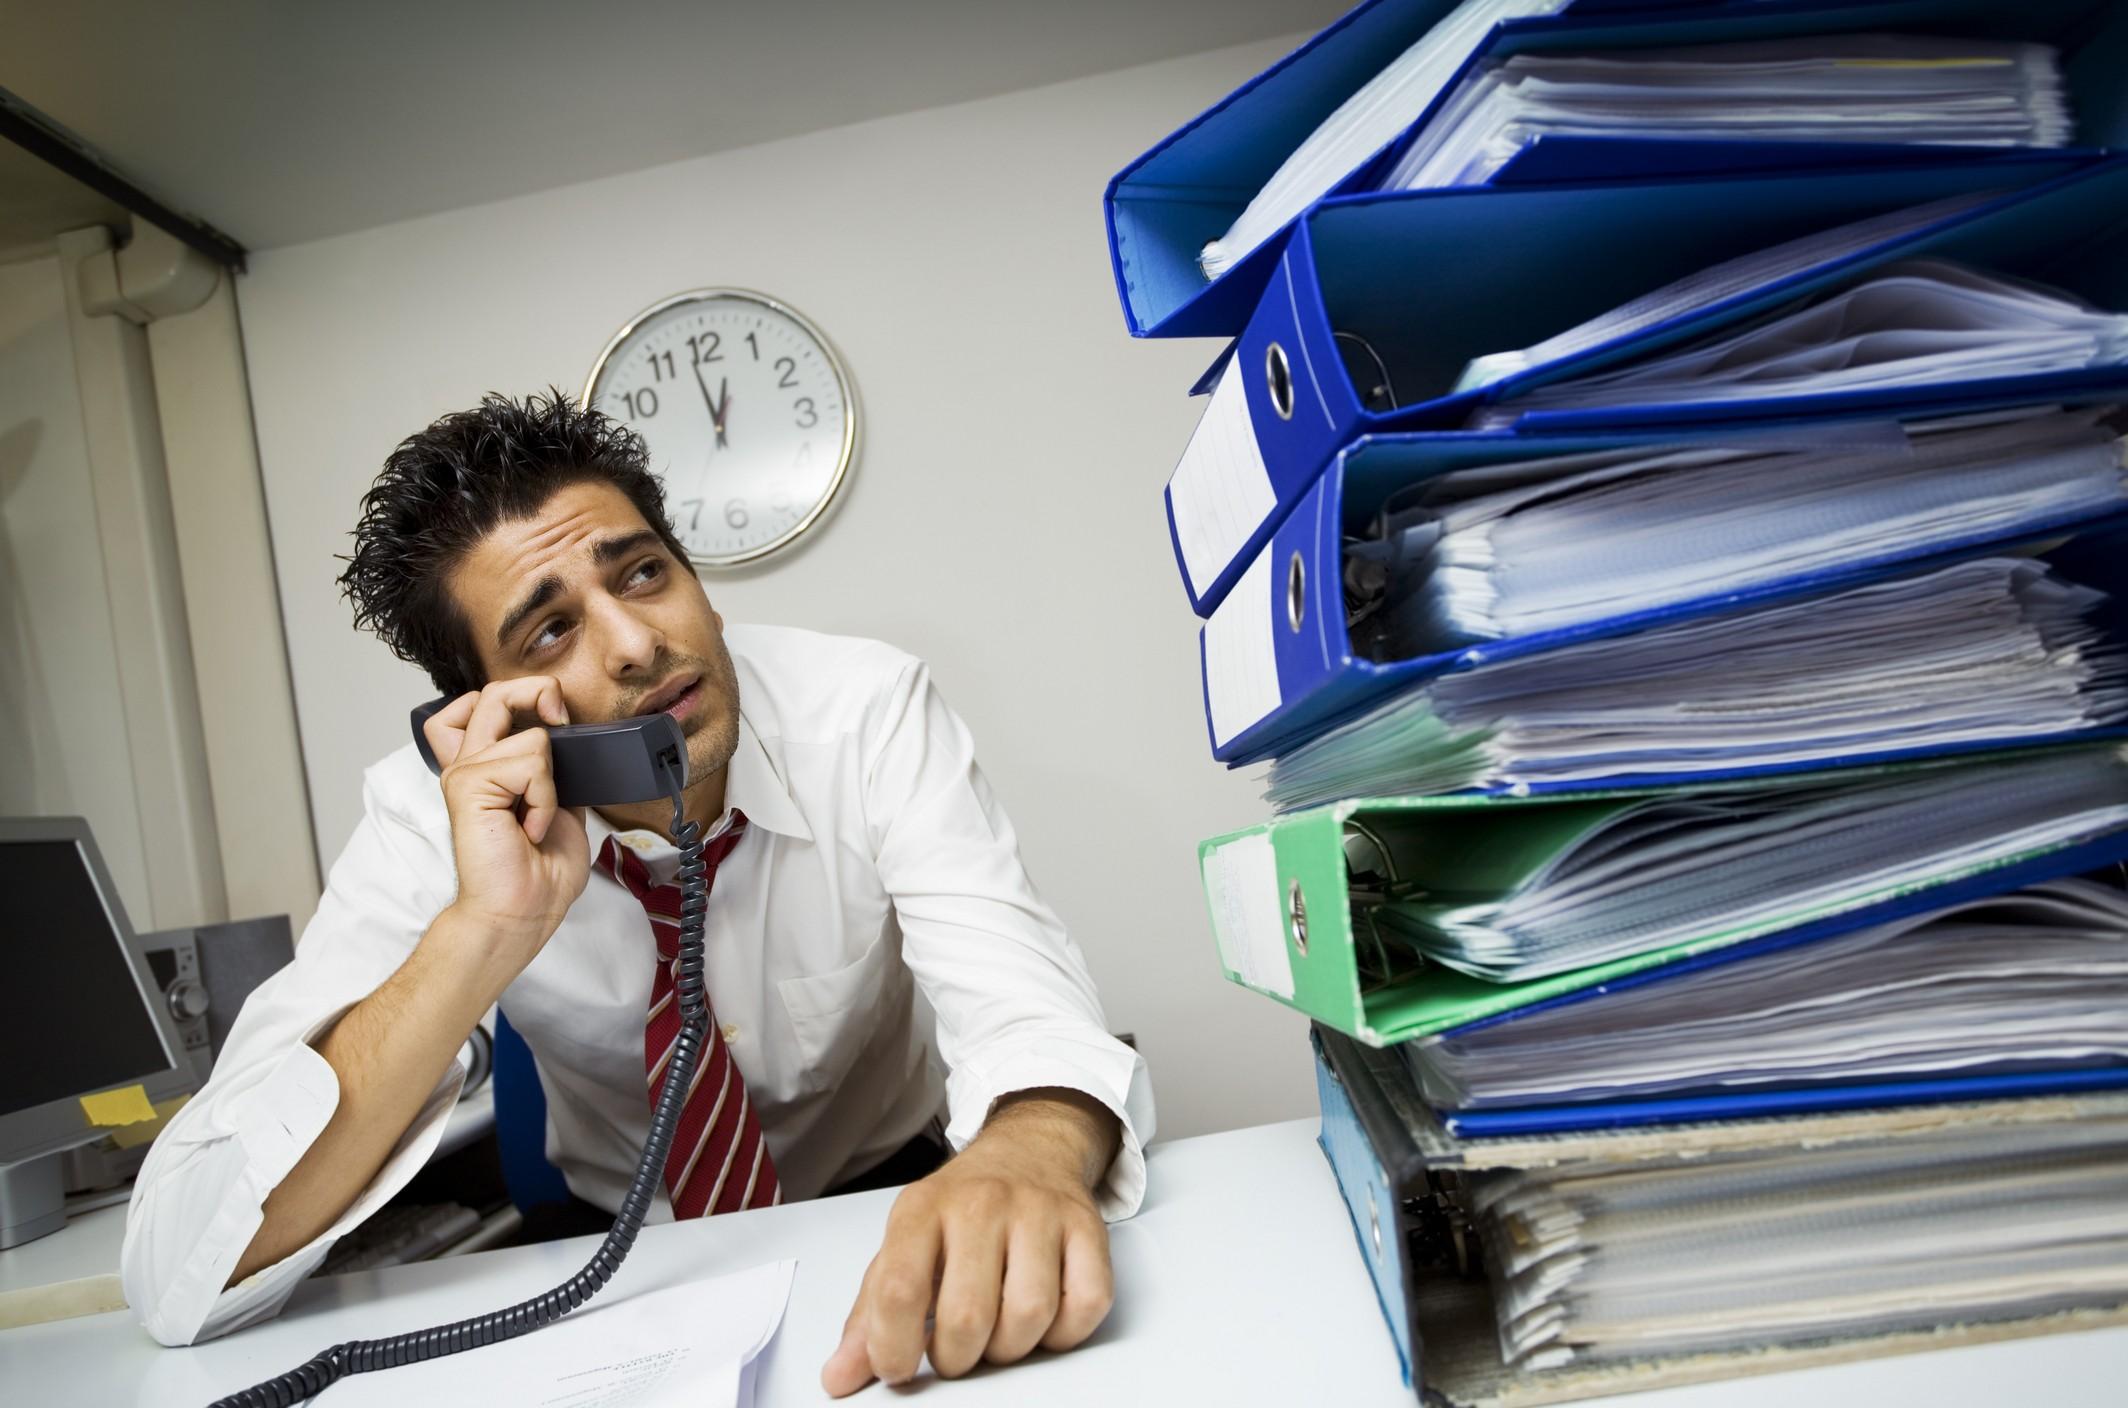 Подать жалобу в прокуратуру на работодателя